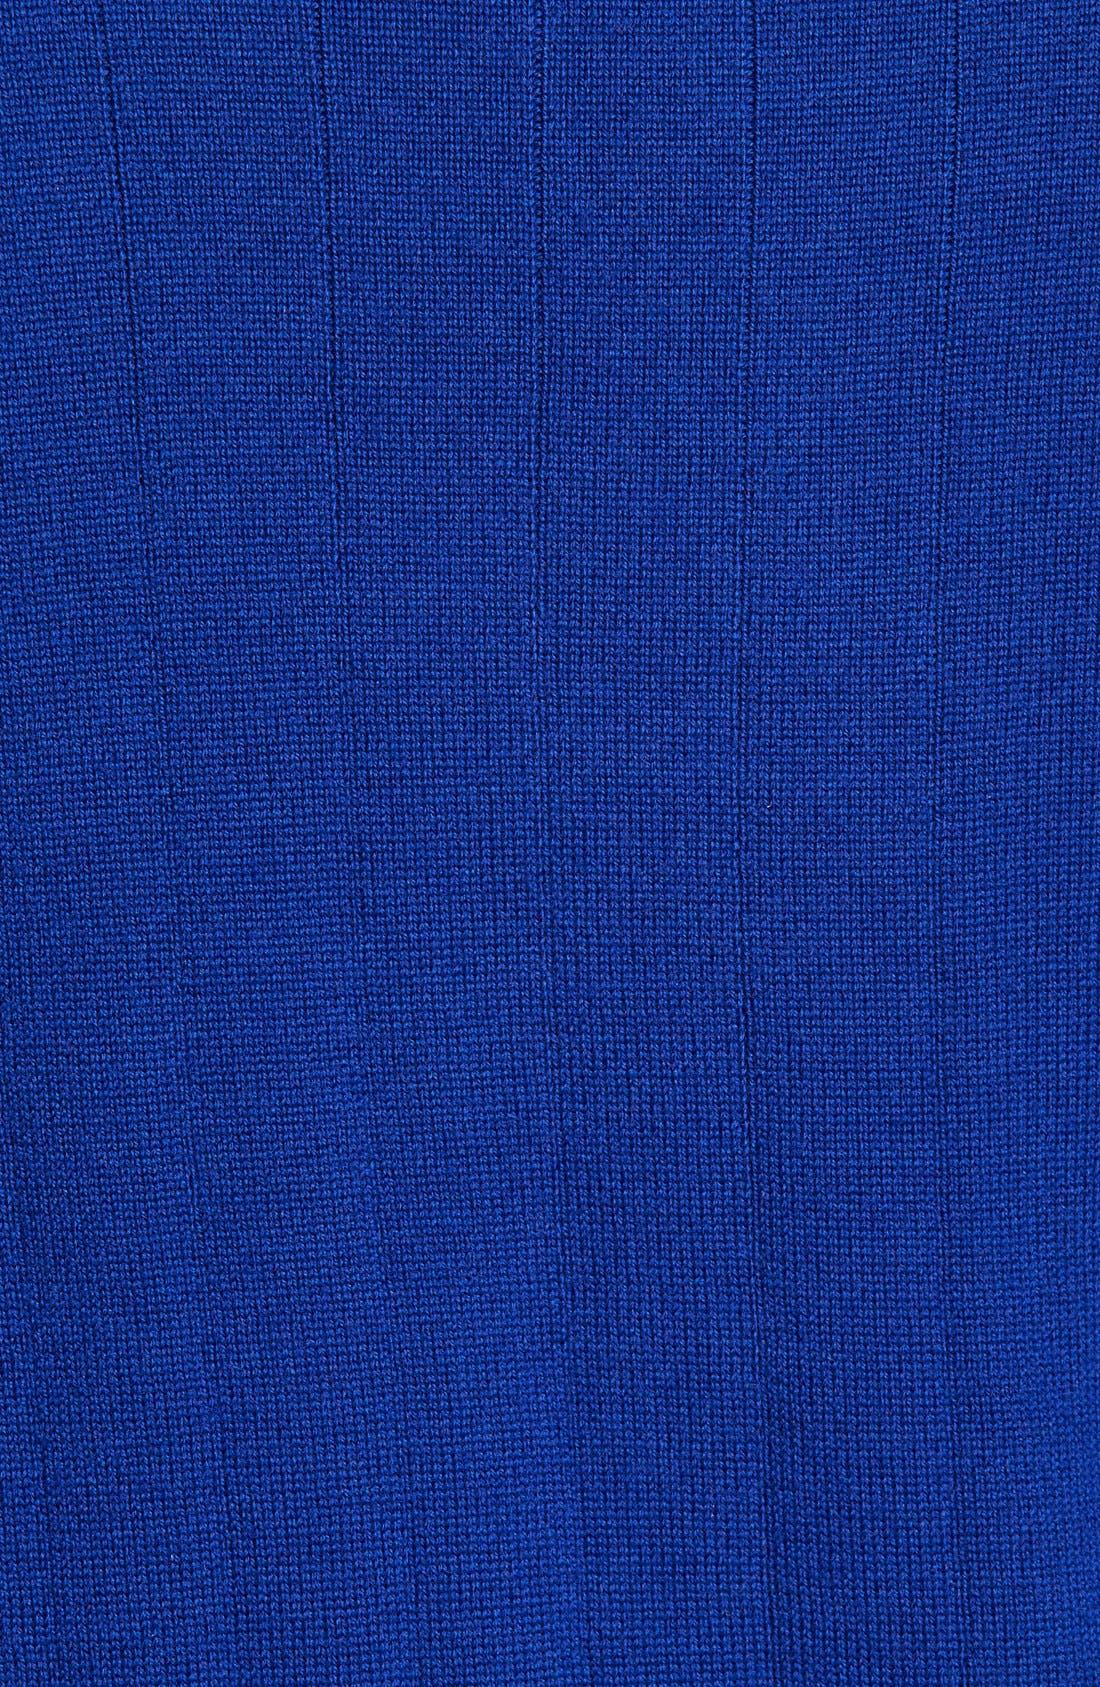 Alternate Image 5  - Bobby Jones Windproof Merino Wool Quarter Zip Sweater